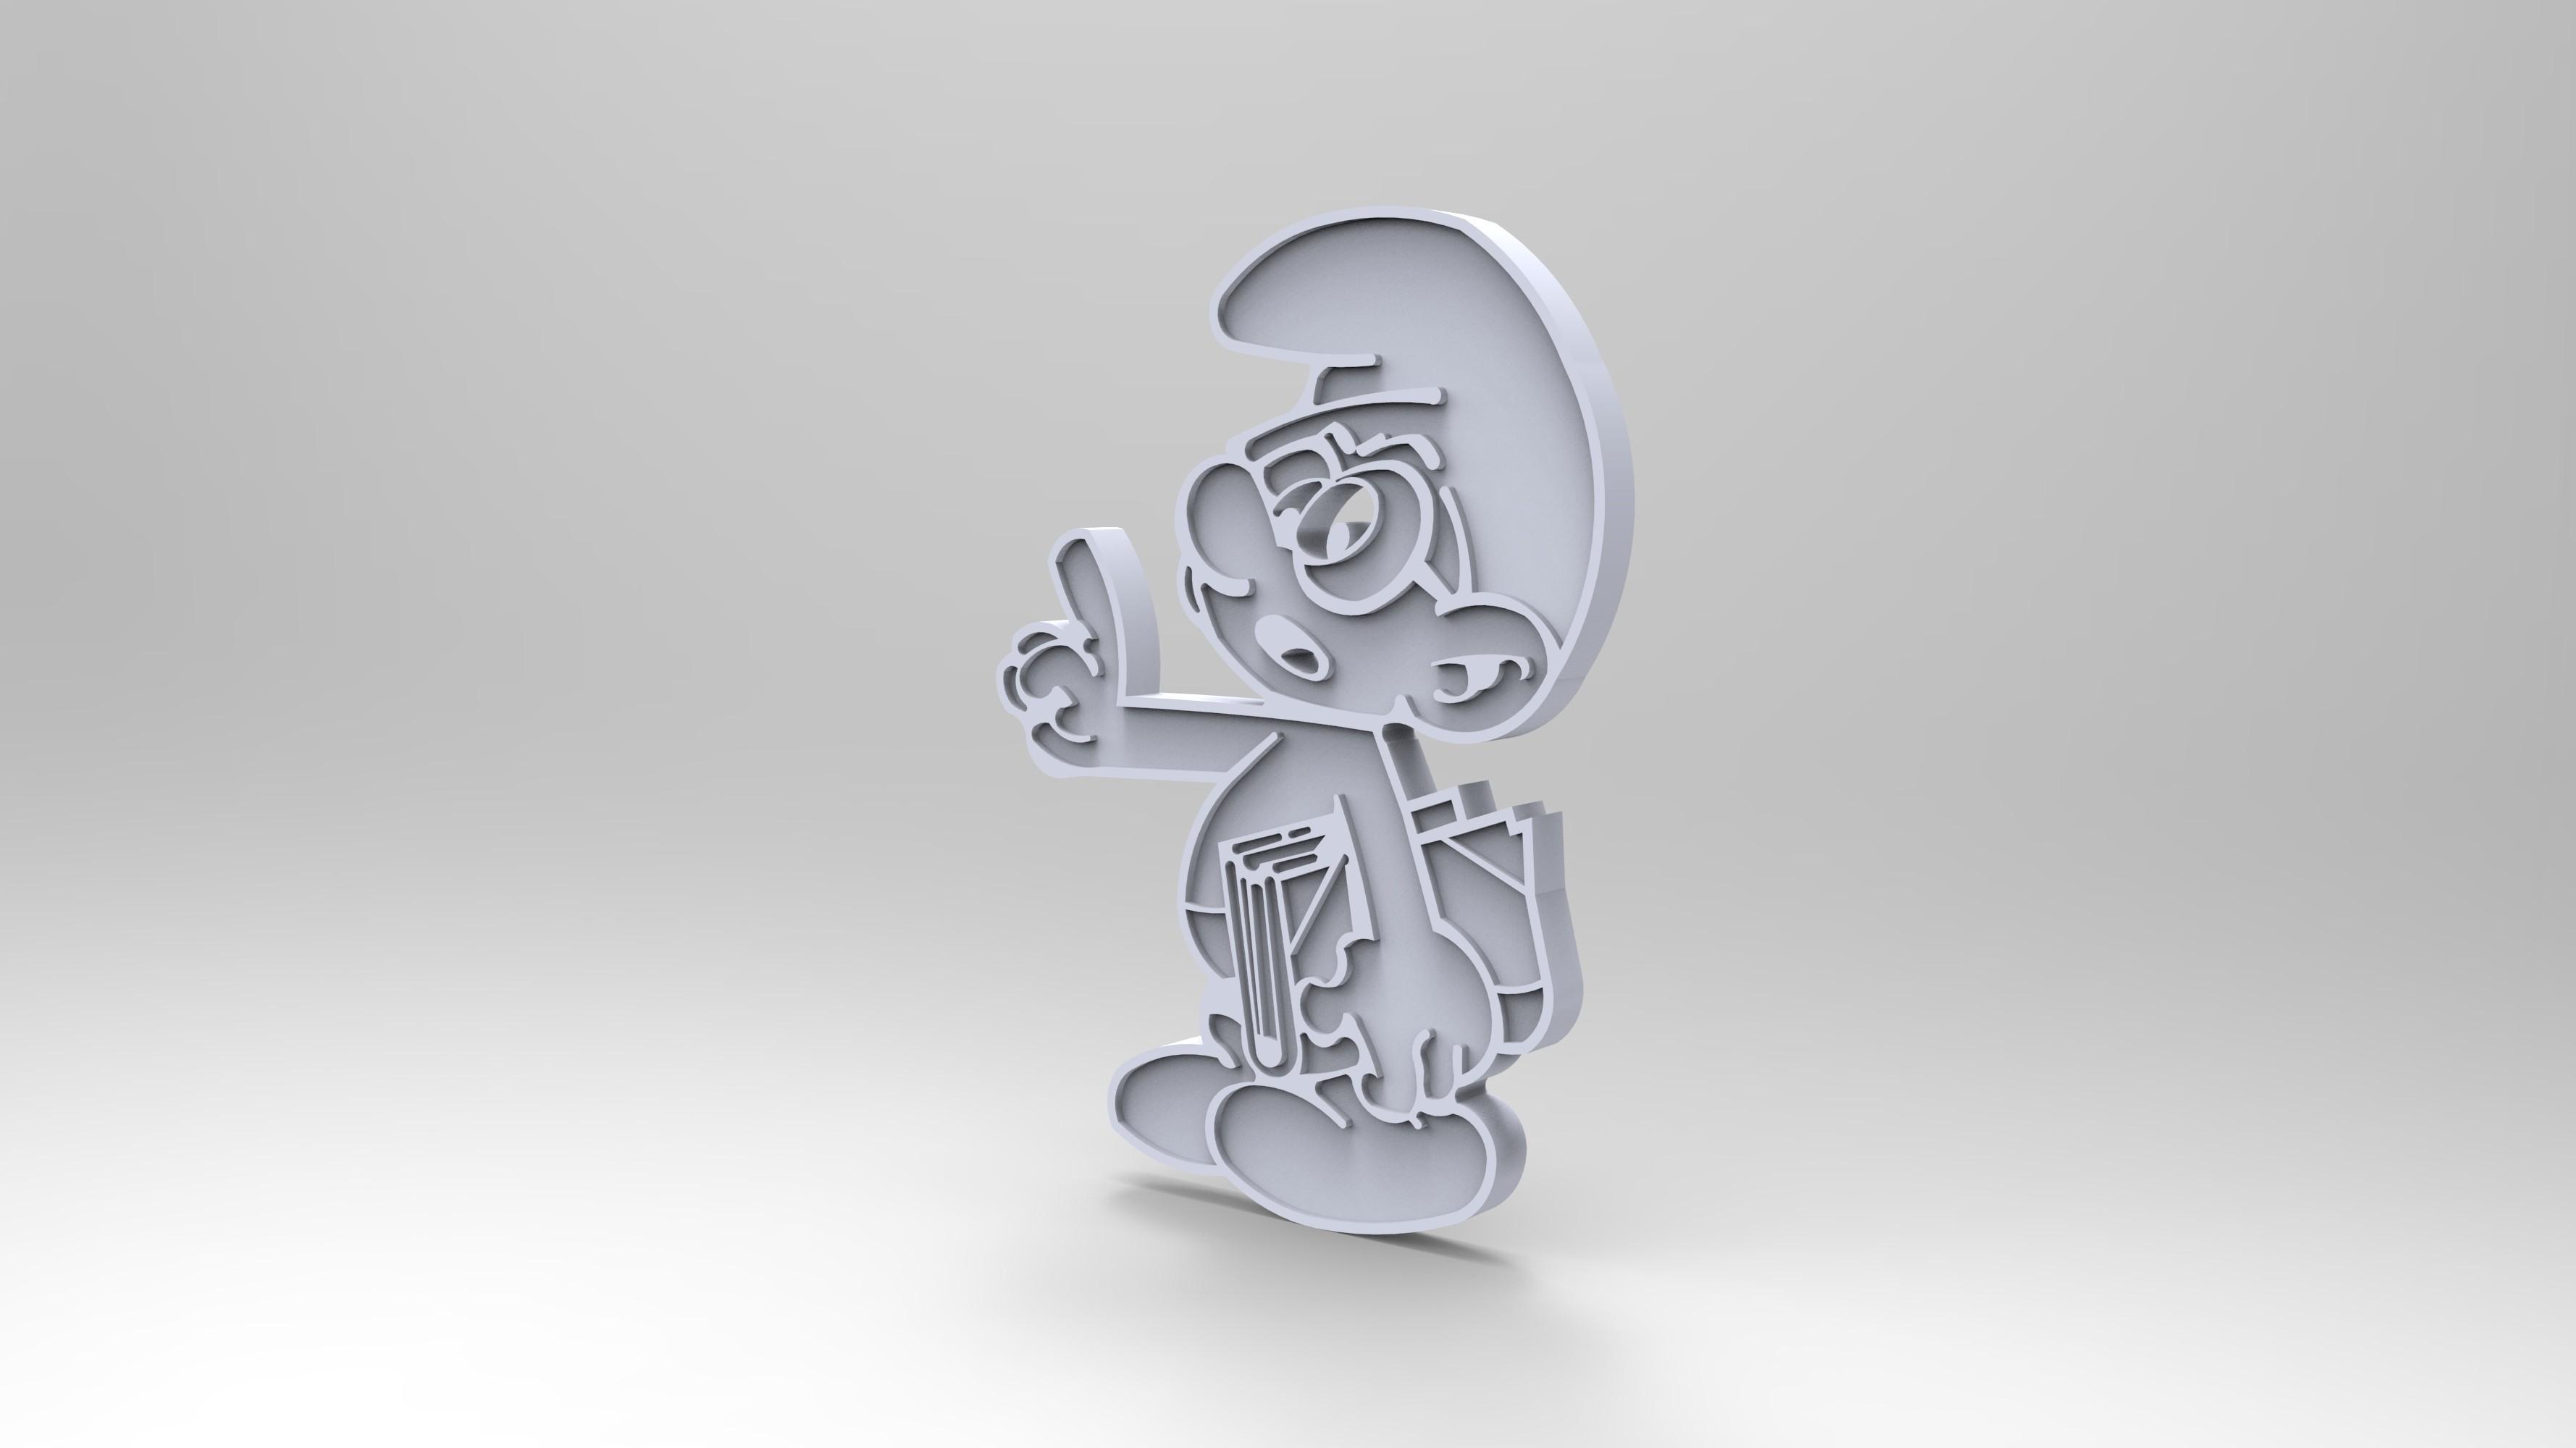 rendu plastique blan.jpg Télécharger fichier STL gratuit schtroumpfs a lunette smurf payo (figurine, porte clef) • Modèle pour impression 3D, GuilhemPerroud